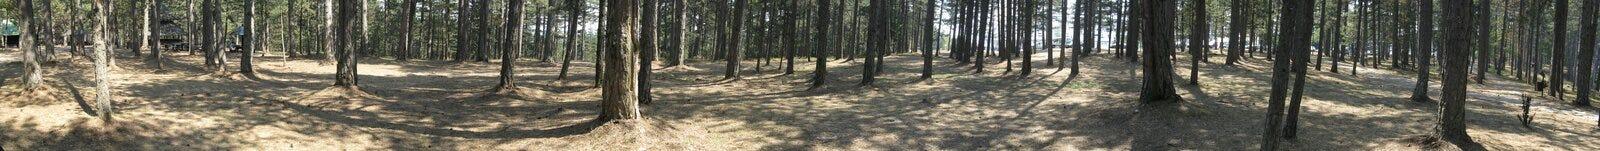 Forêt de conifère Photo stock